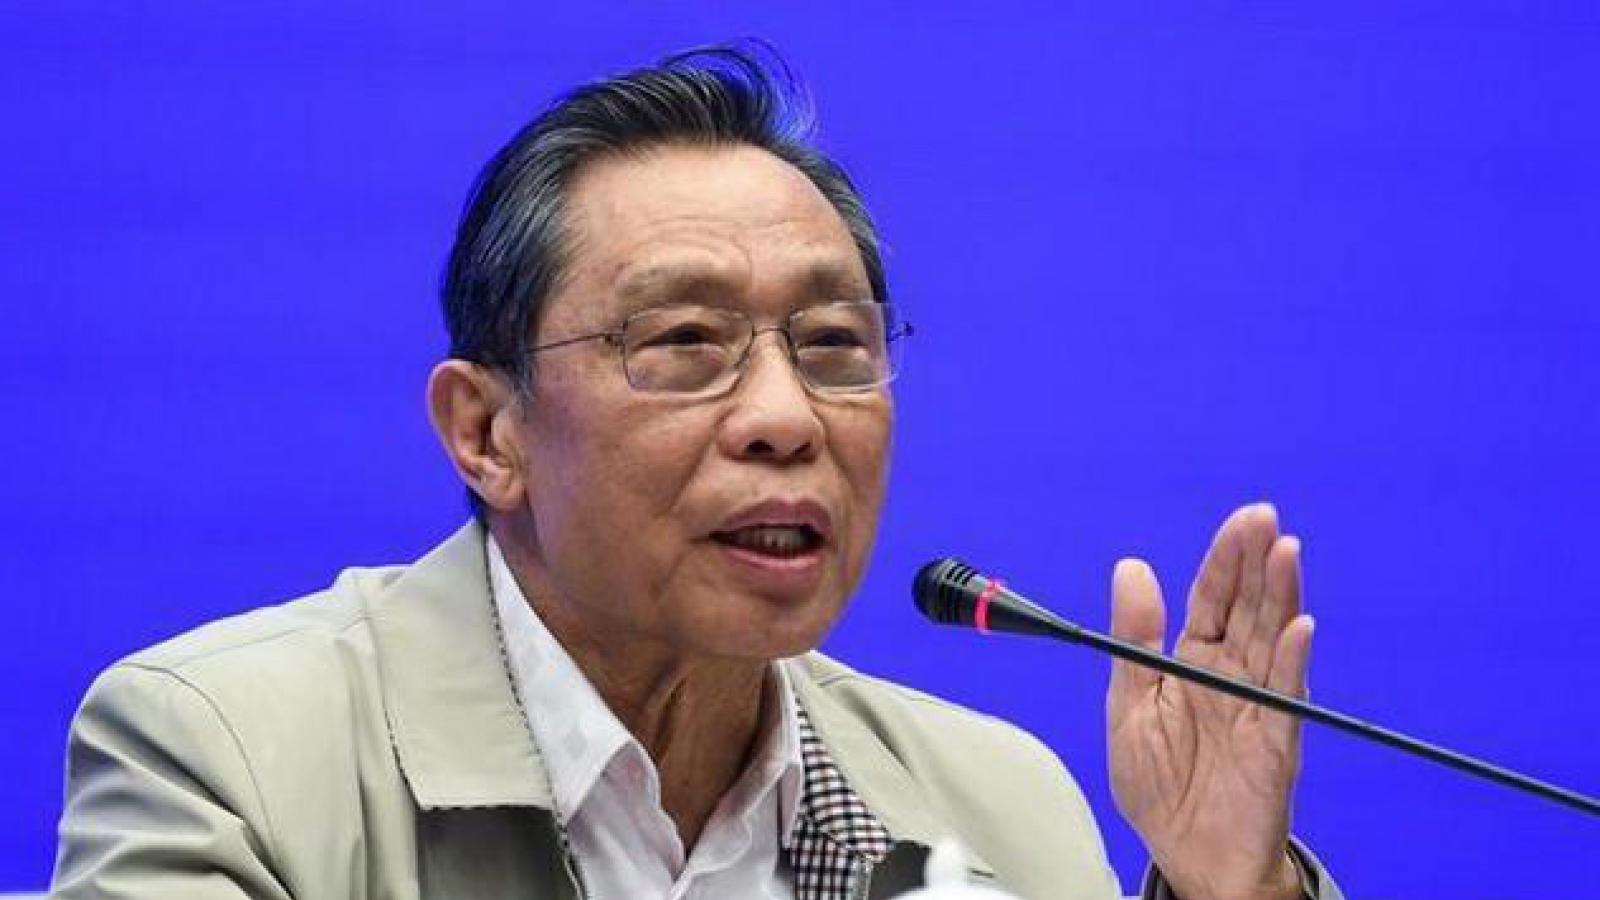 Trung Quốc khẳng định trình độ nghiên cứu vaccine Covid-19 tương đương Pfizer